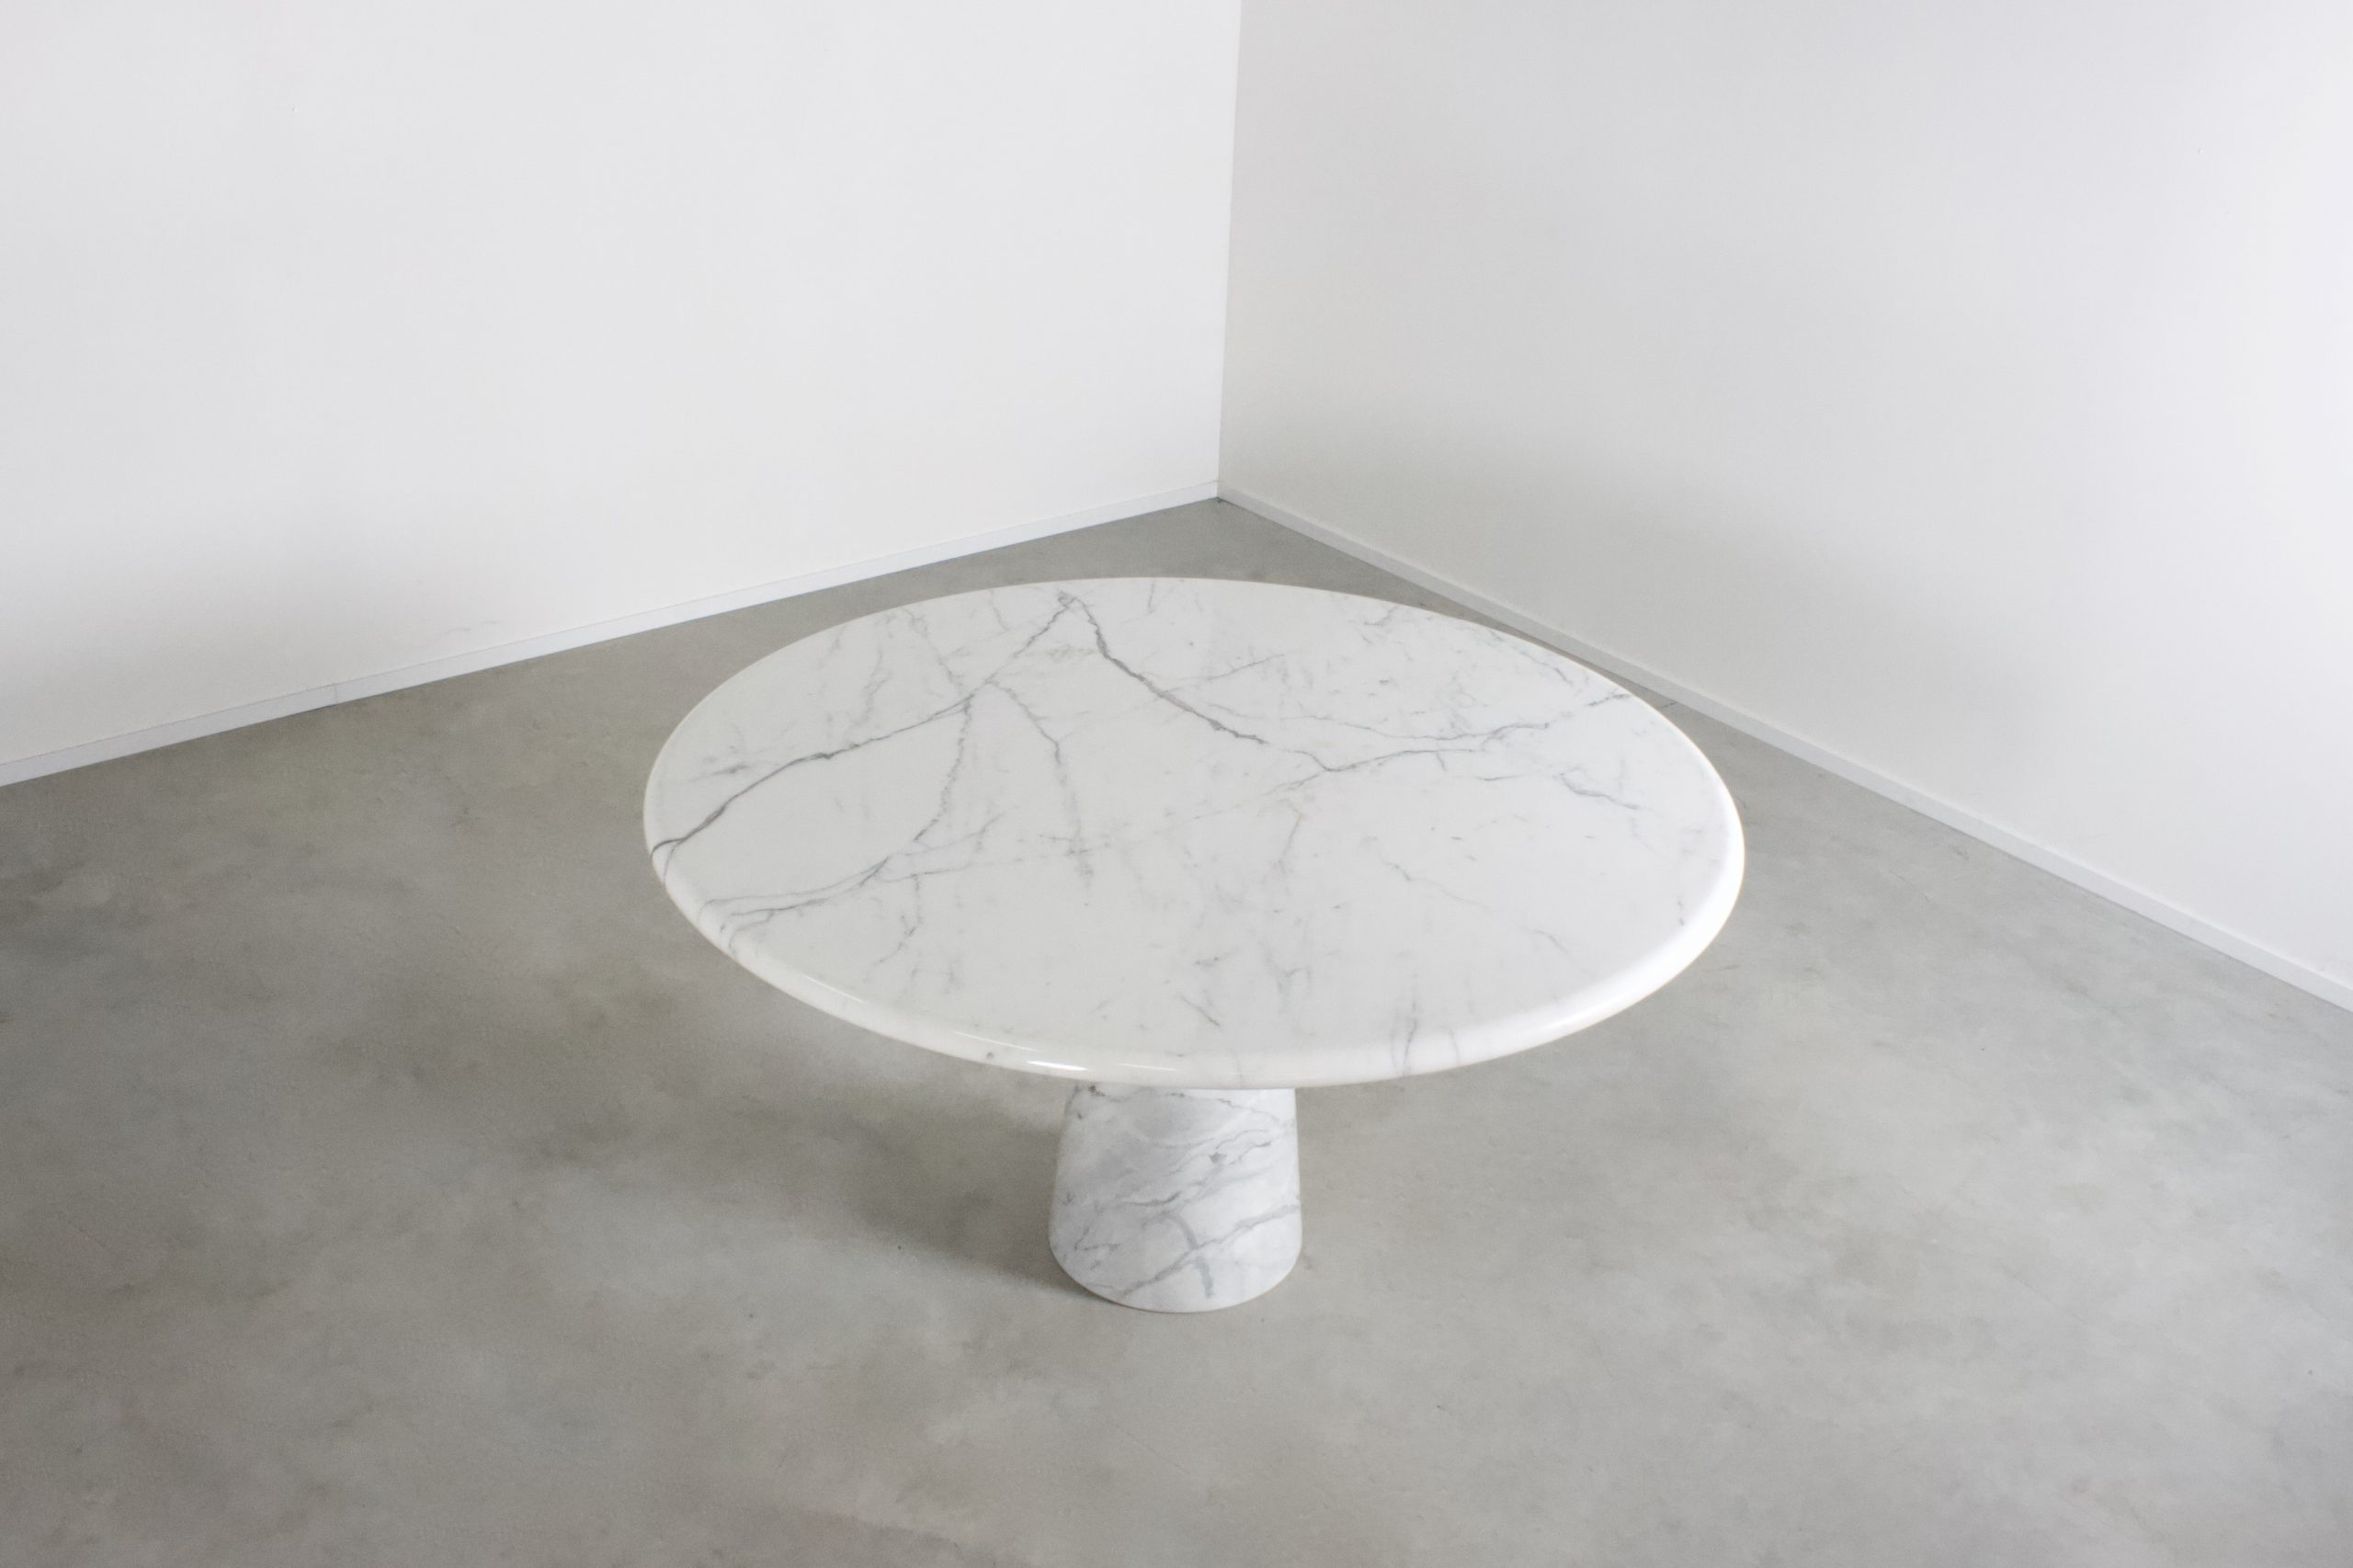 Round Carrara Marble Pedestal Dining Table Studio Cadmium